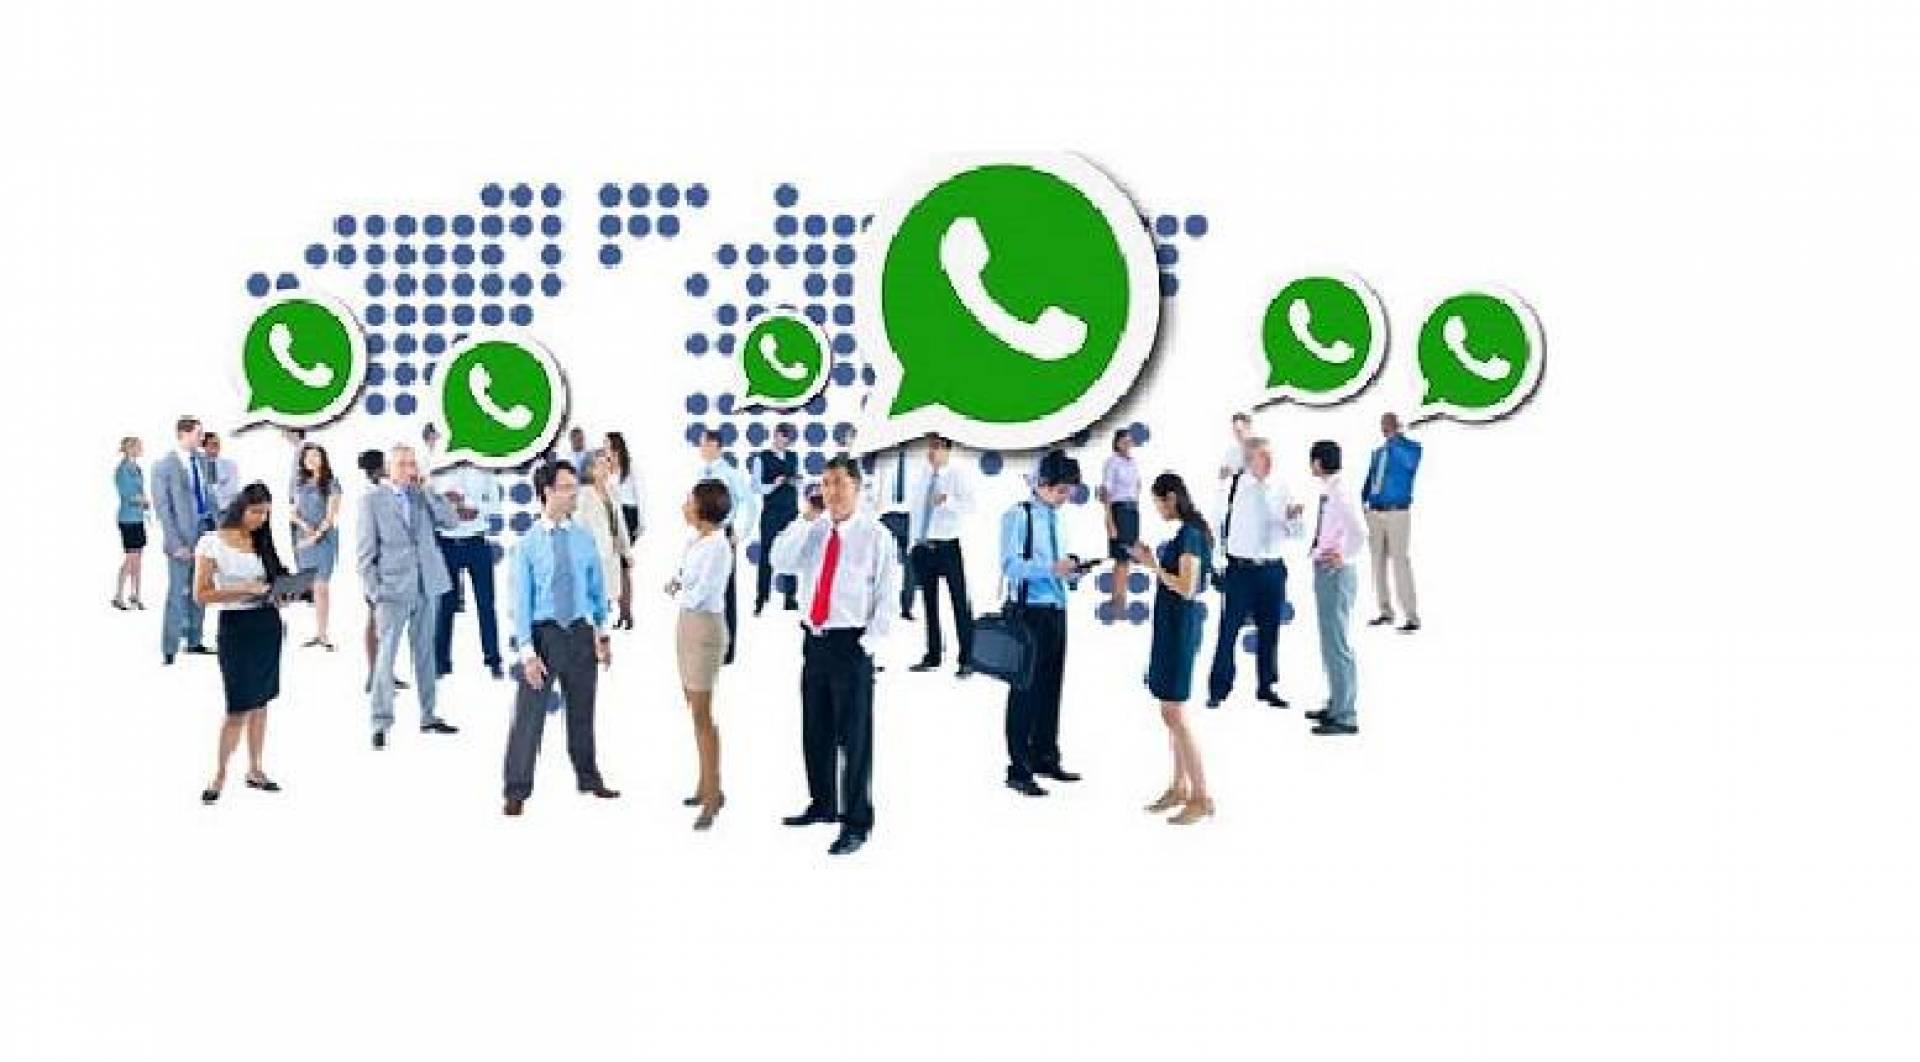 «واتساب» تعلن تخطي عدد مستخدميها عتبة مليارين